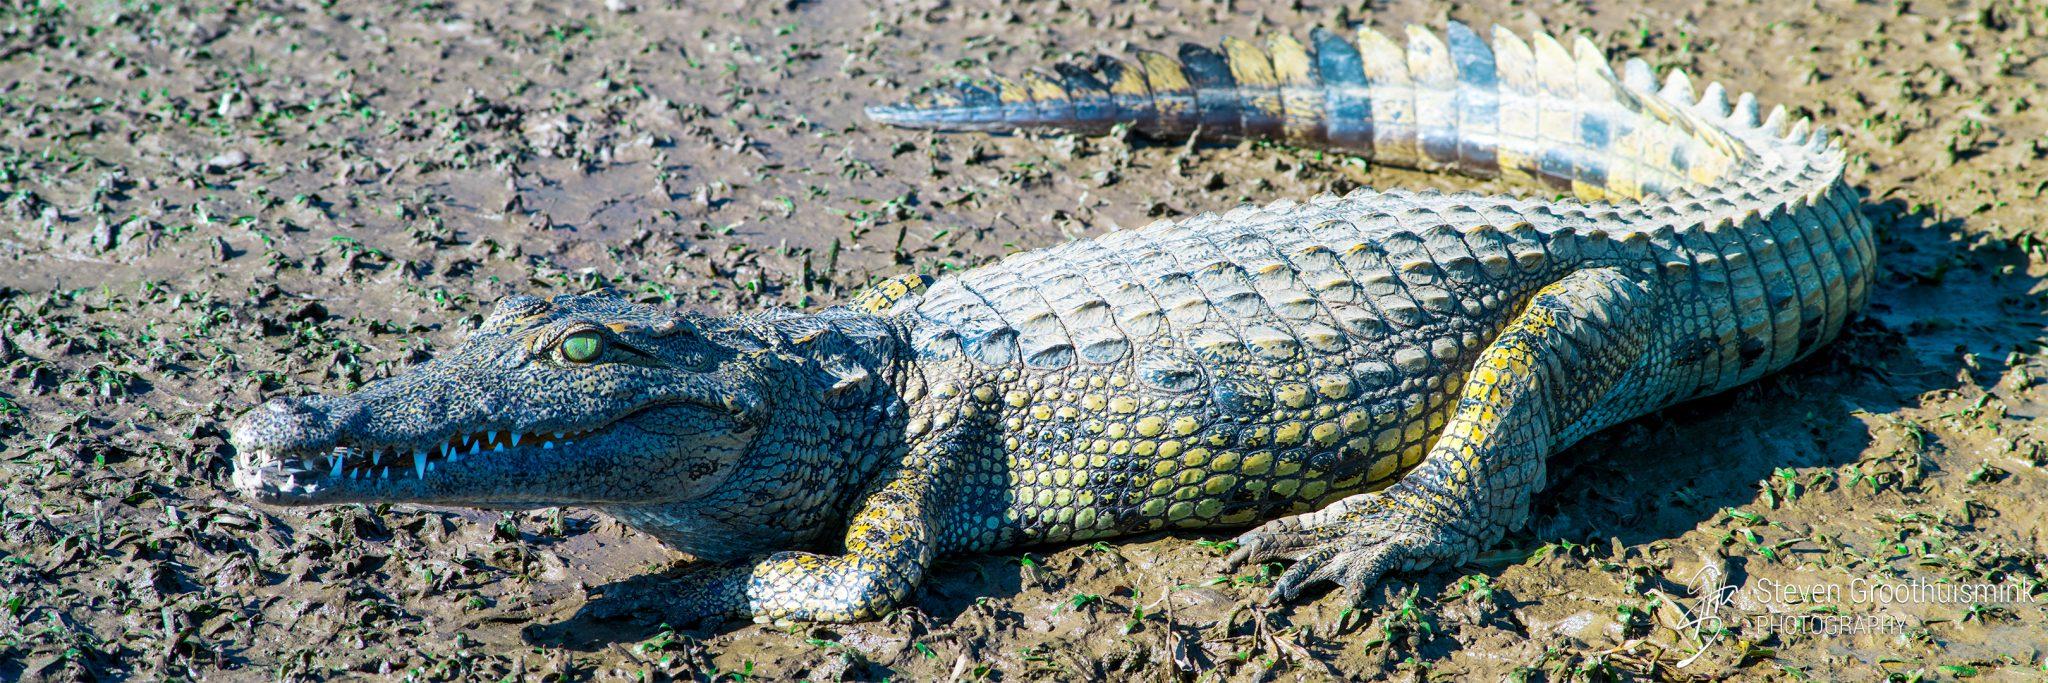 Krokodil op de oever van de Zambezi River, Zambia, Afrika